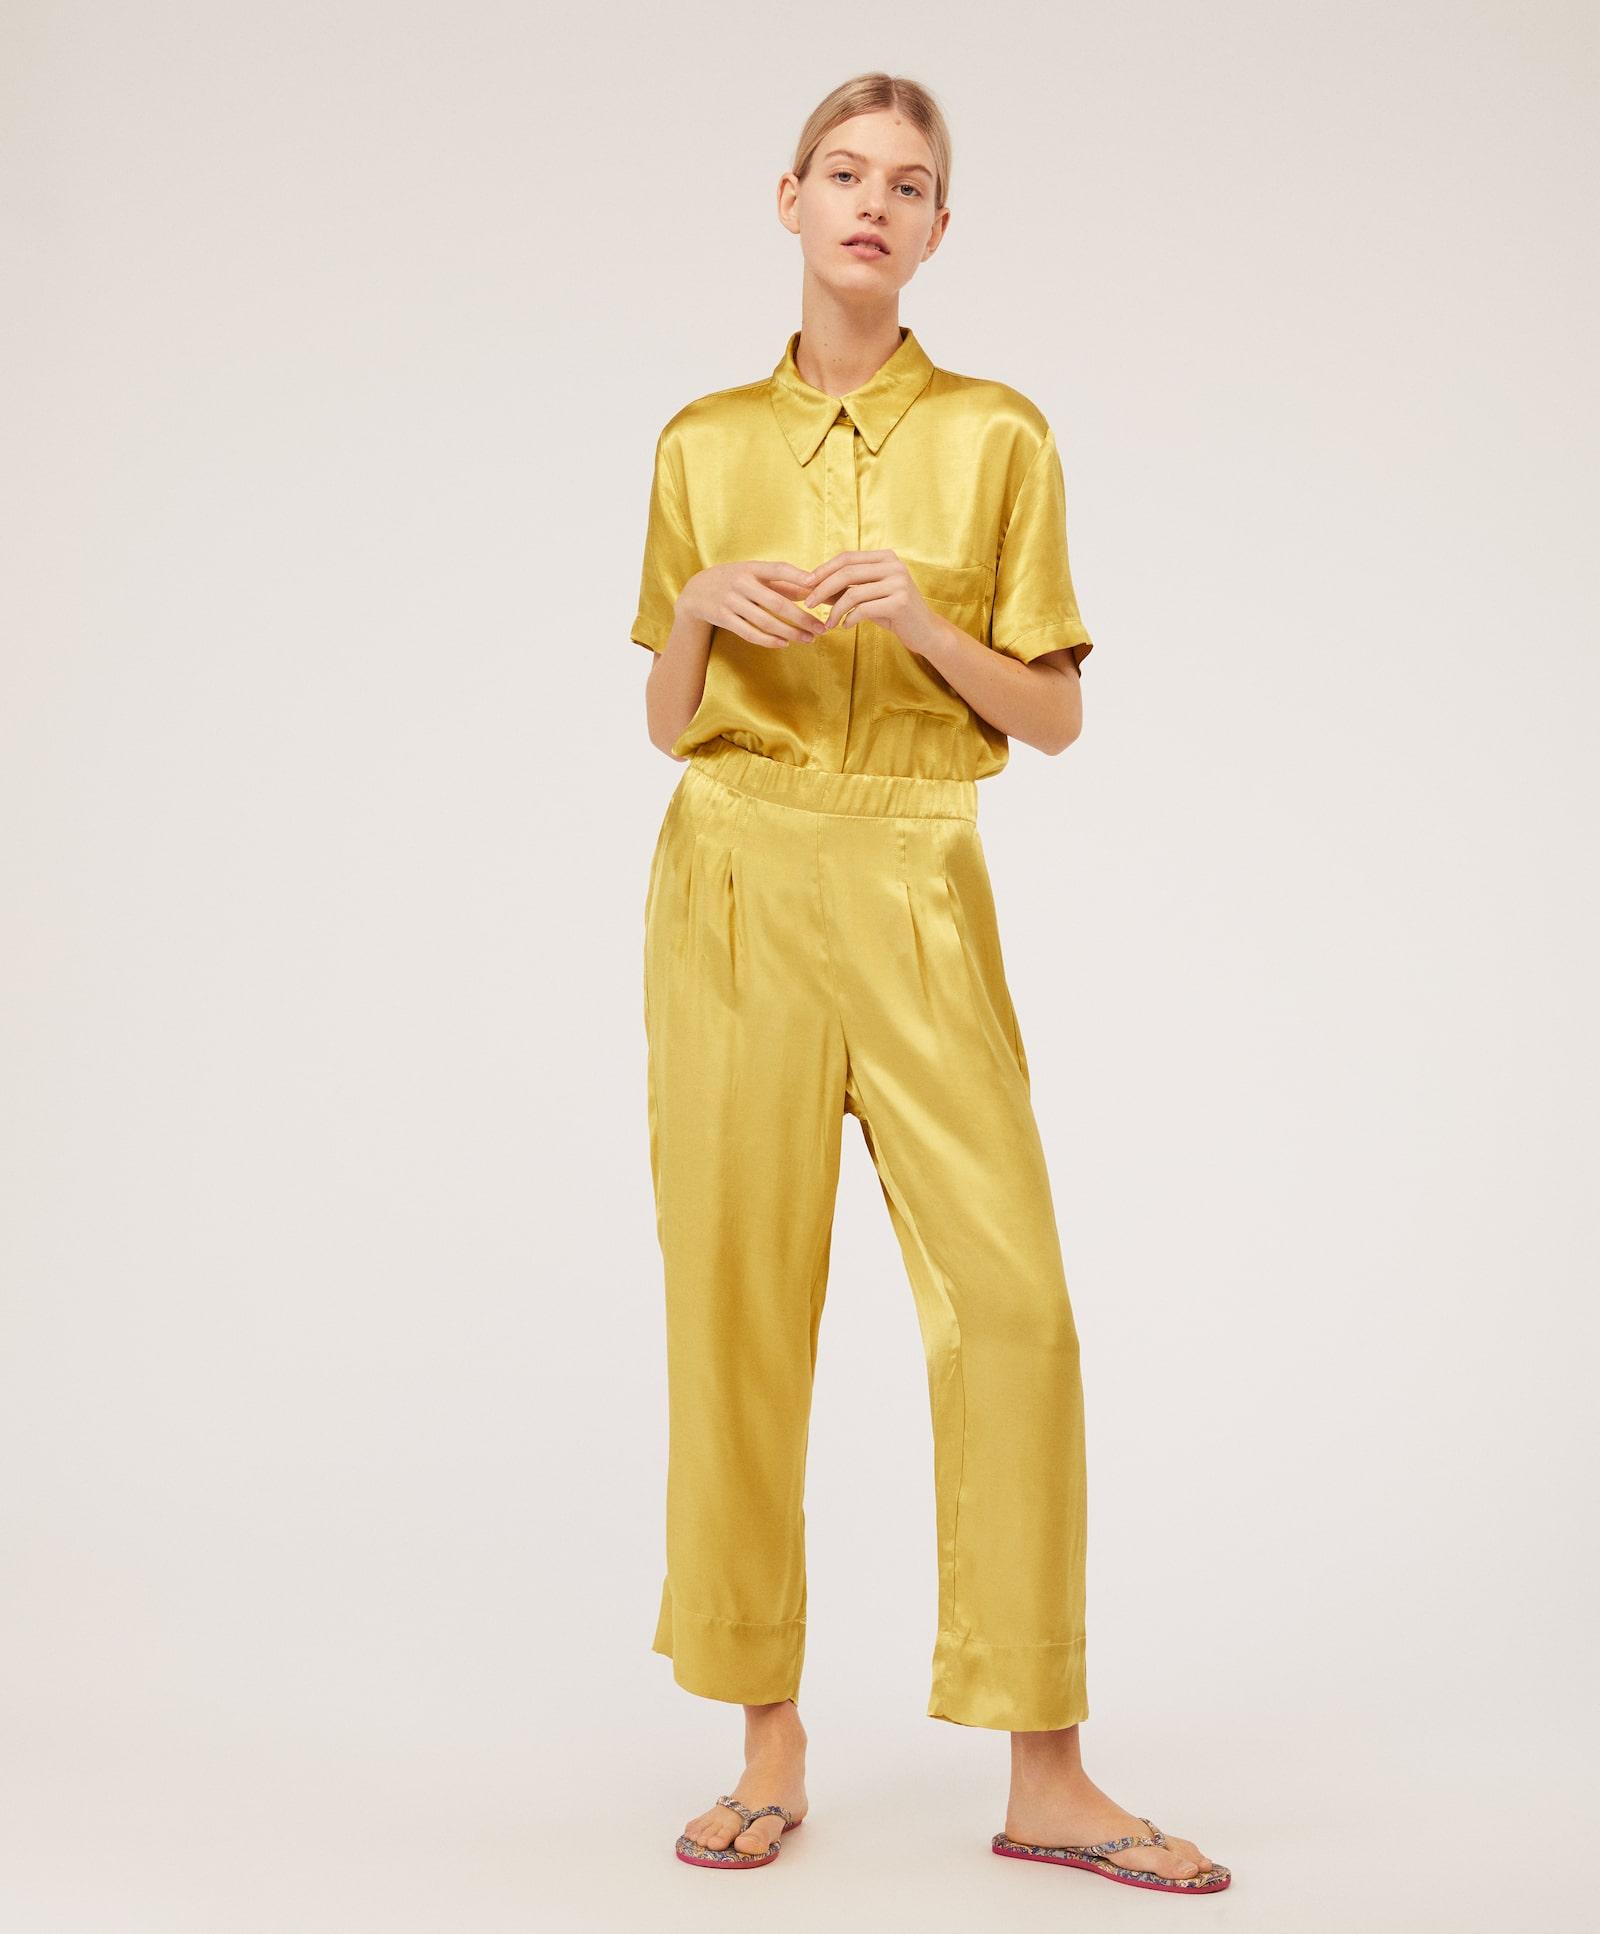 Сатенена пижама от две части Oysho, панталон 55,95лв. и горна част 59,95лв.